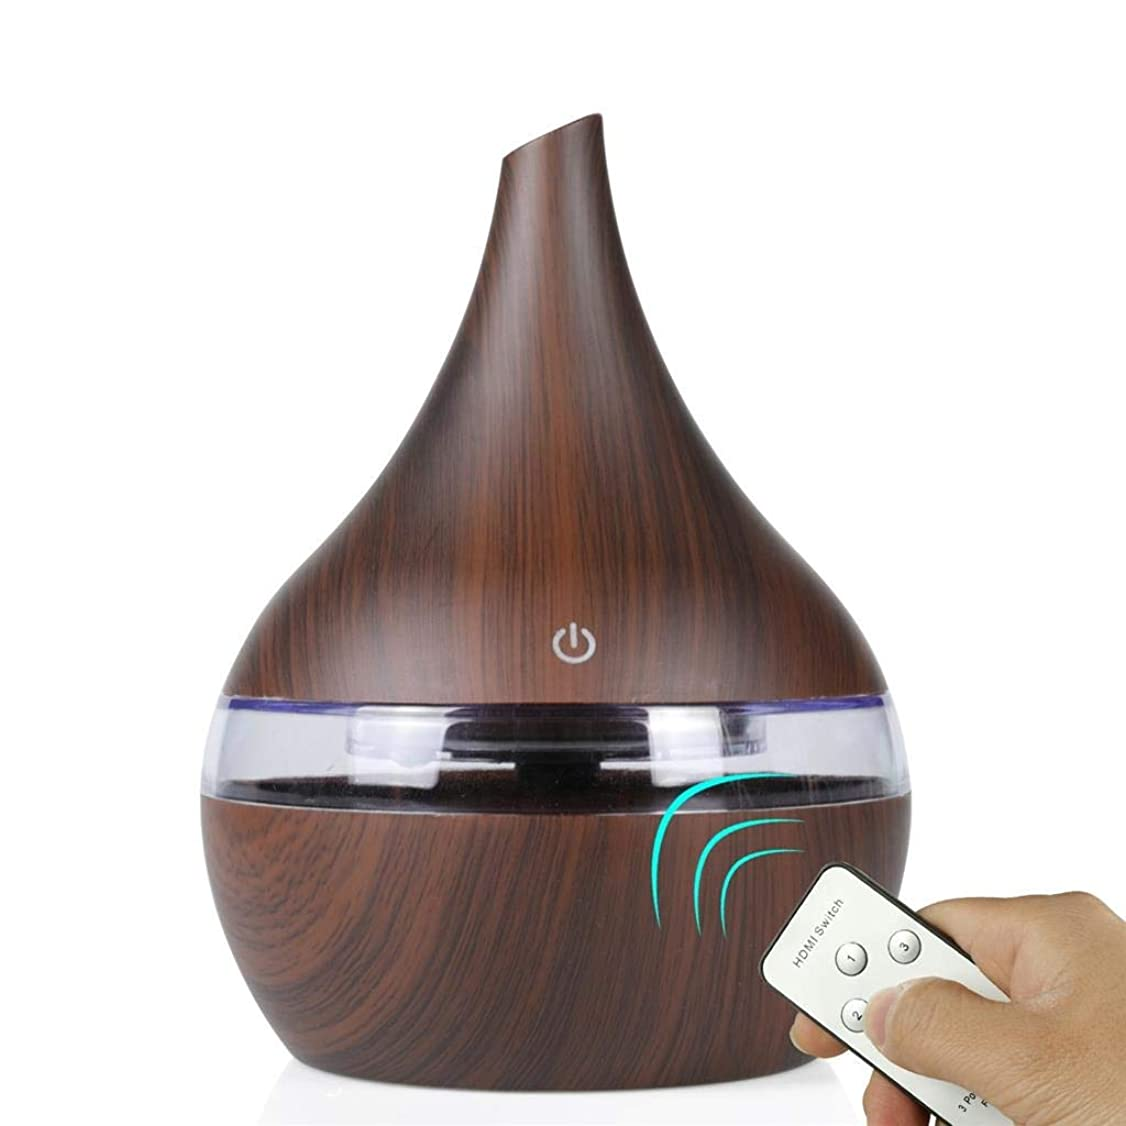 その後悲しいポータル超音波式 アロマ加湿器 搭载防空烧功能 ミスト アロマ フレグランス 癒し リラックス 調光 LED 寝室 (Color : Dark wood)